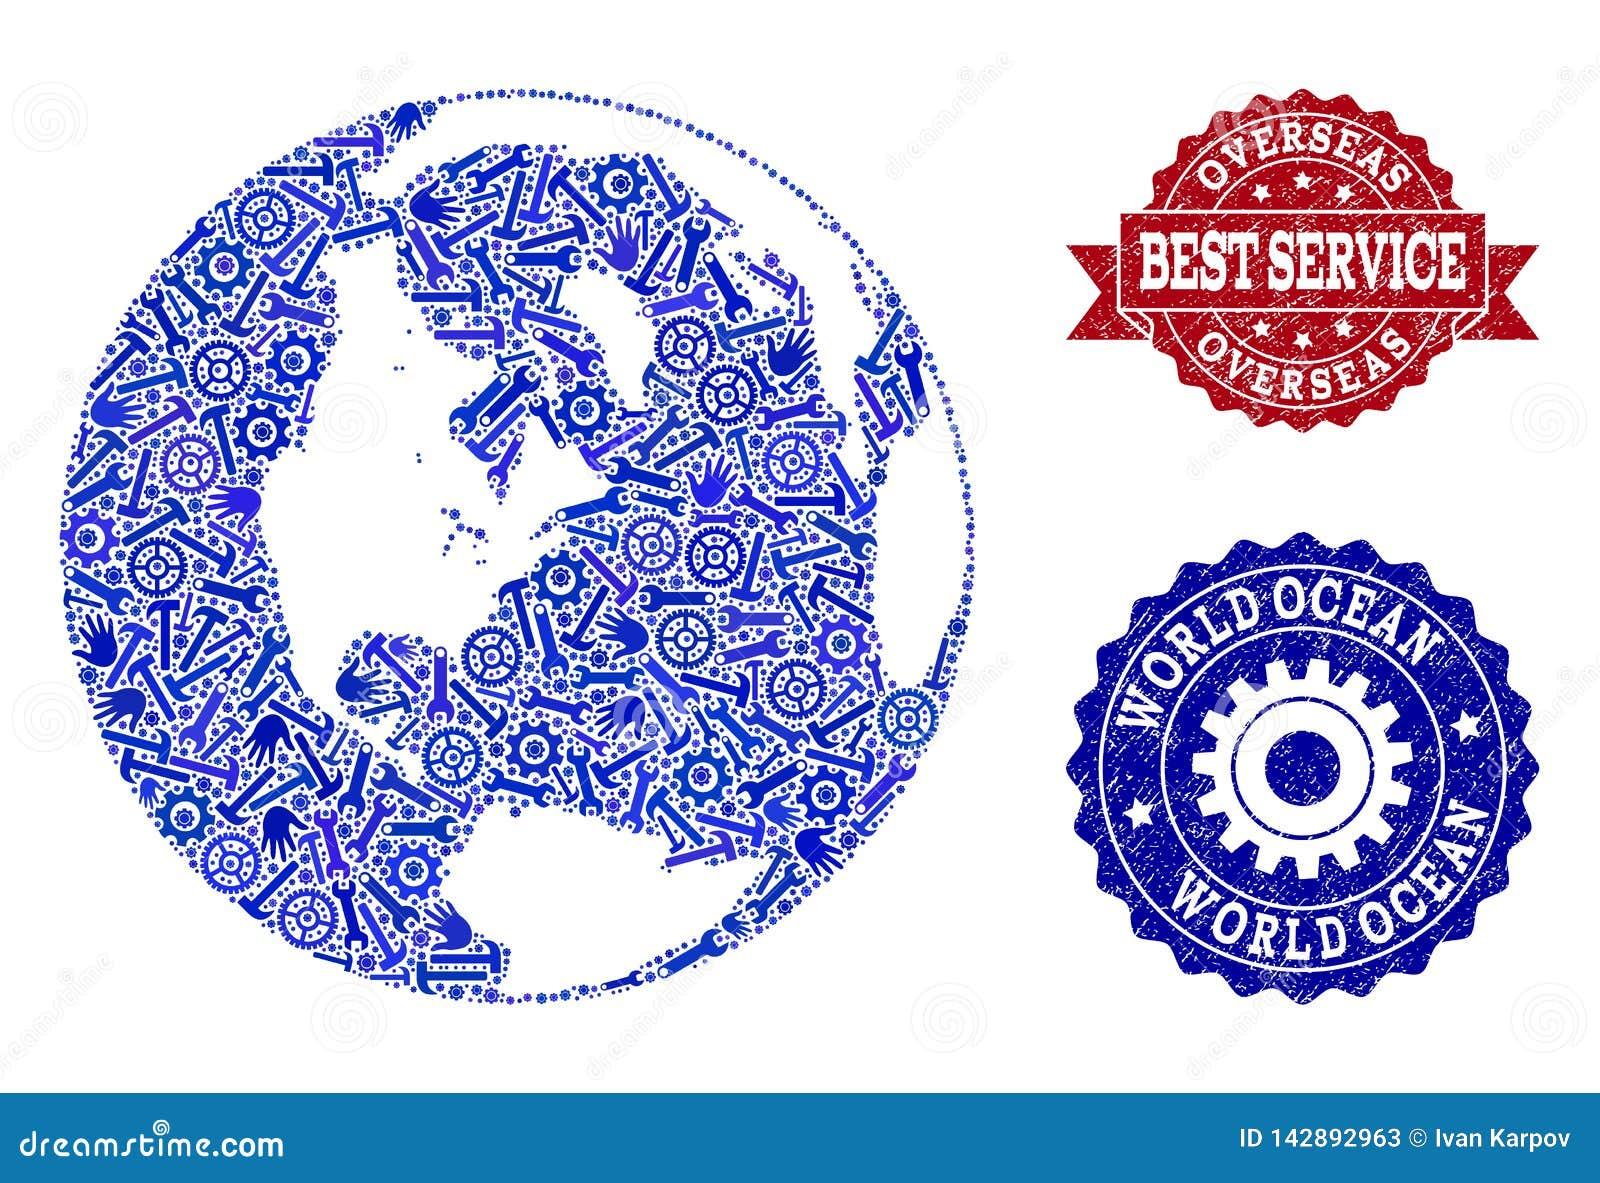 La mejor composición del servicio del mapa del océano global y de sellos rasguñados